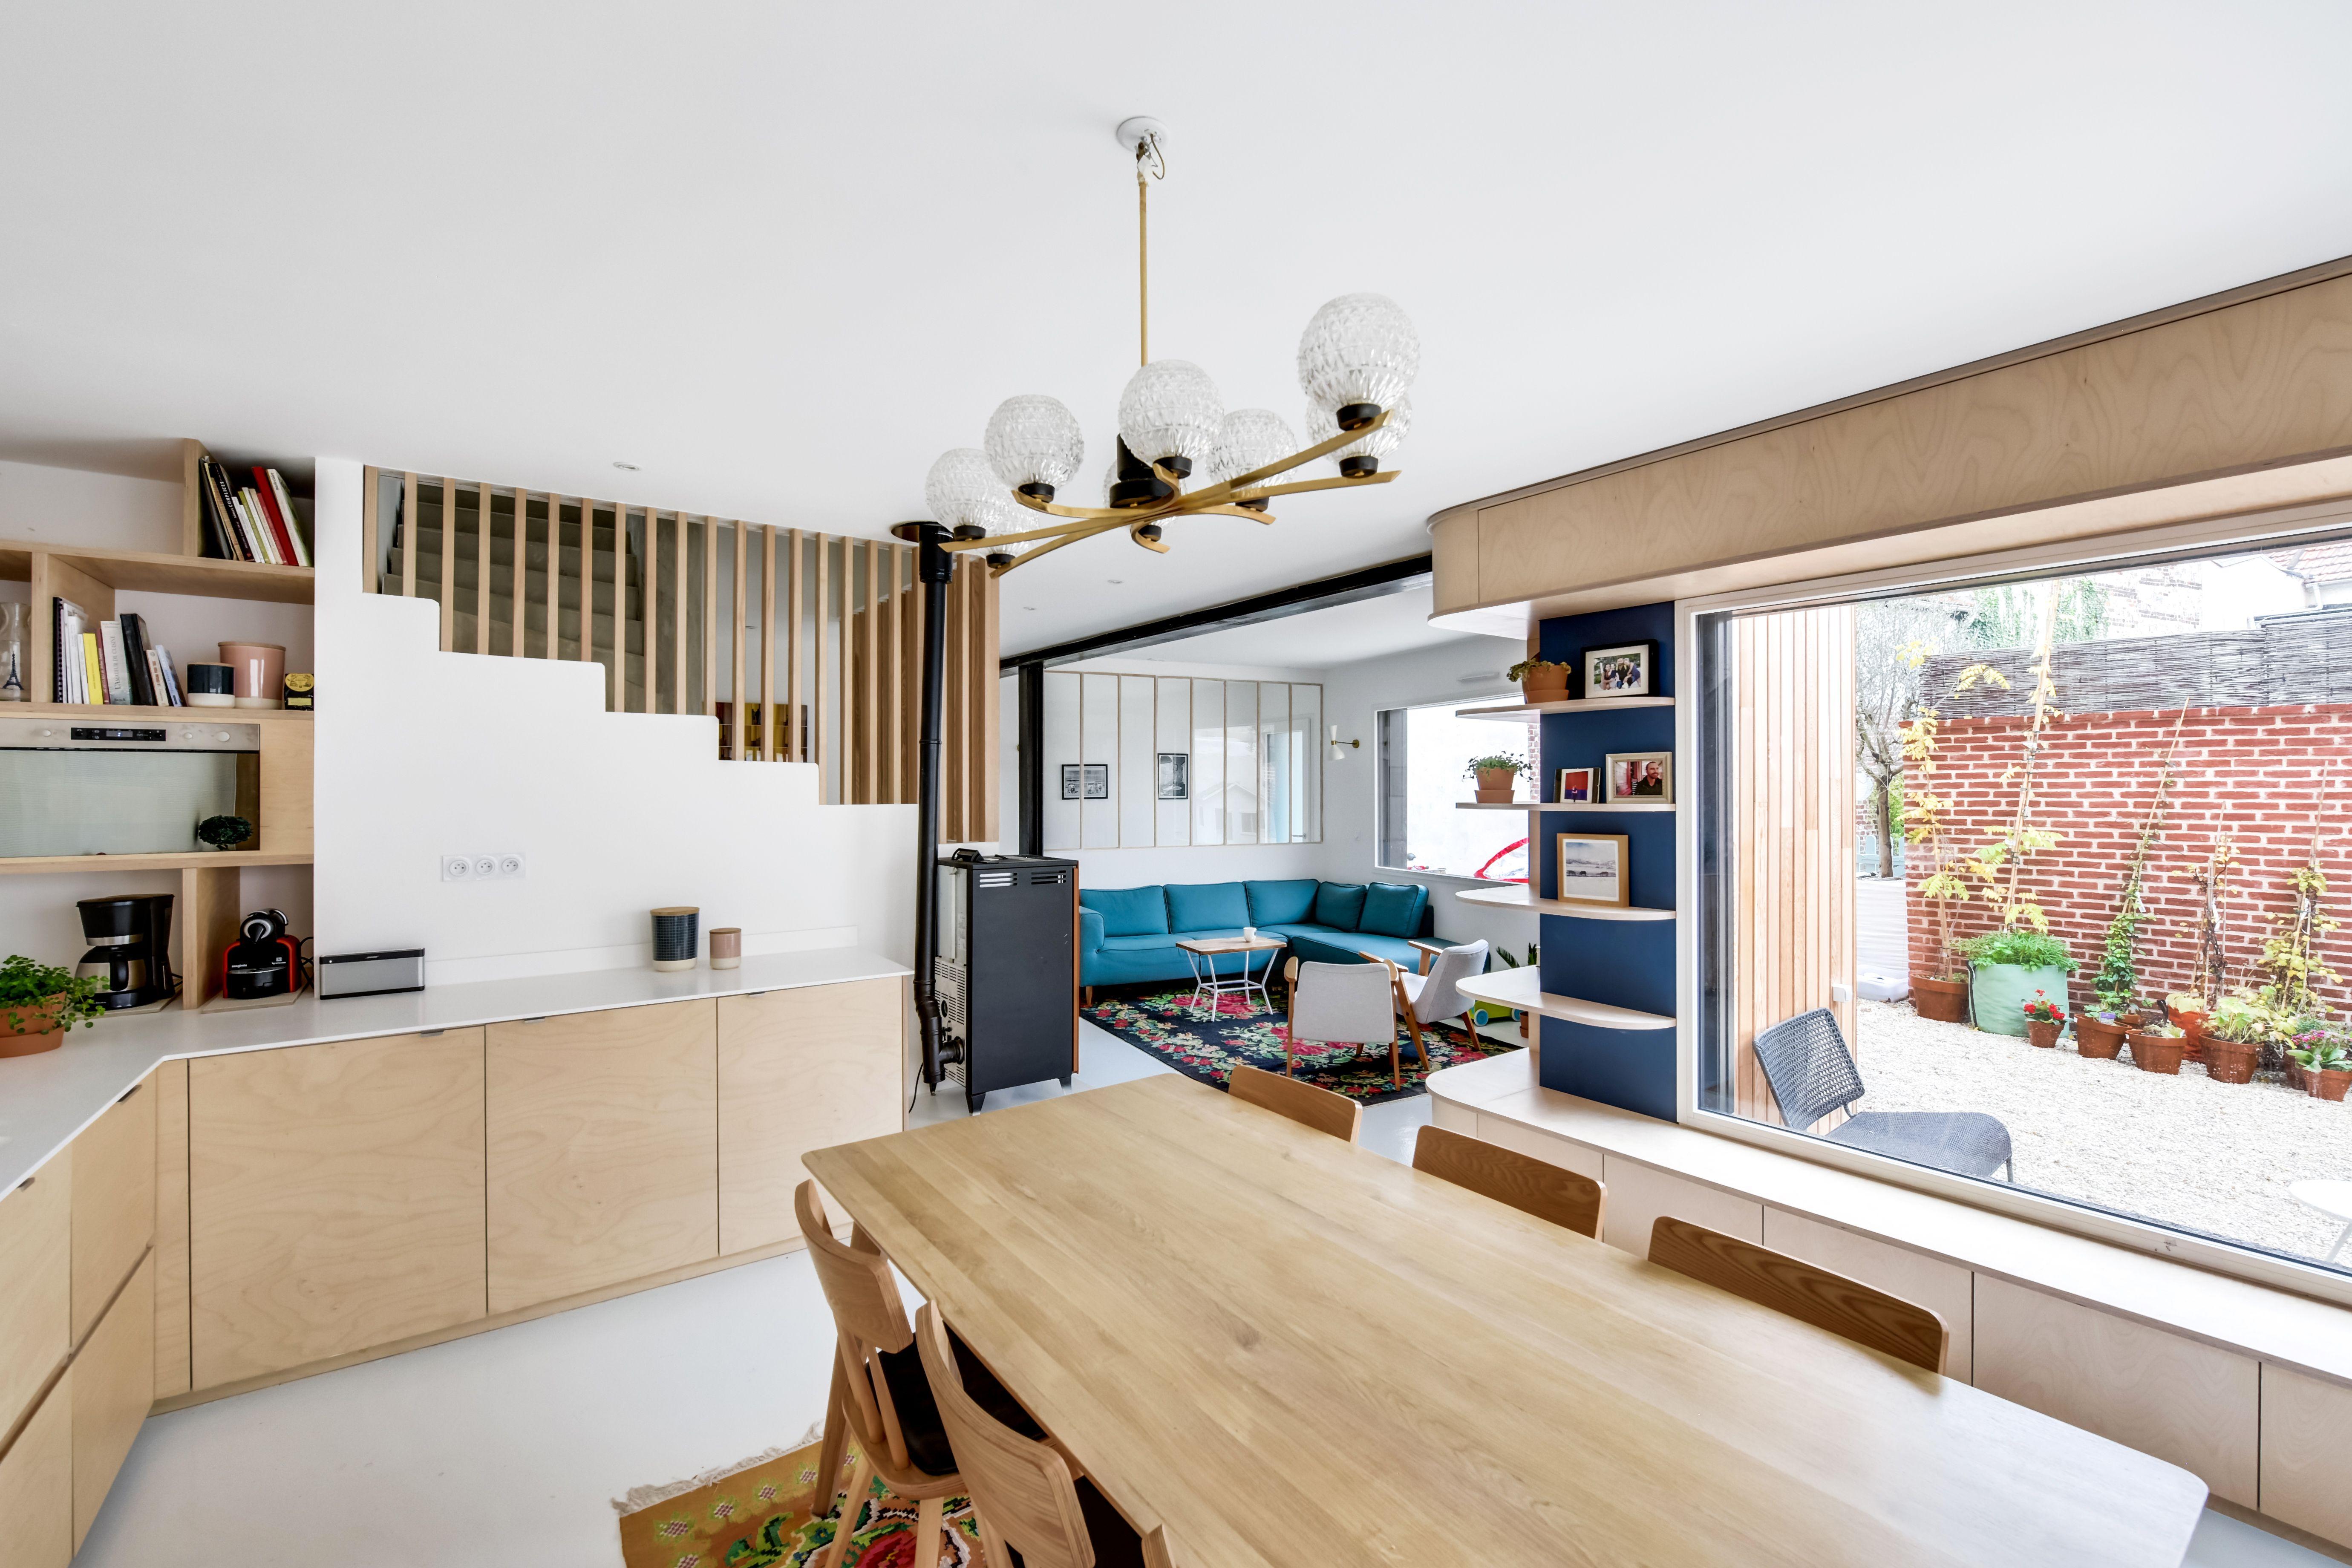 cuisine avec portes en bois bouleau plan de travail blanc en corian escalier avec tasseaux de. Black Bedroom Furniture Sets. Home Design Ideas